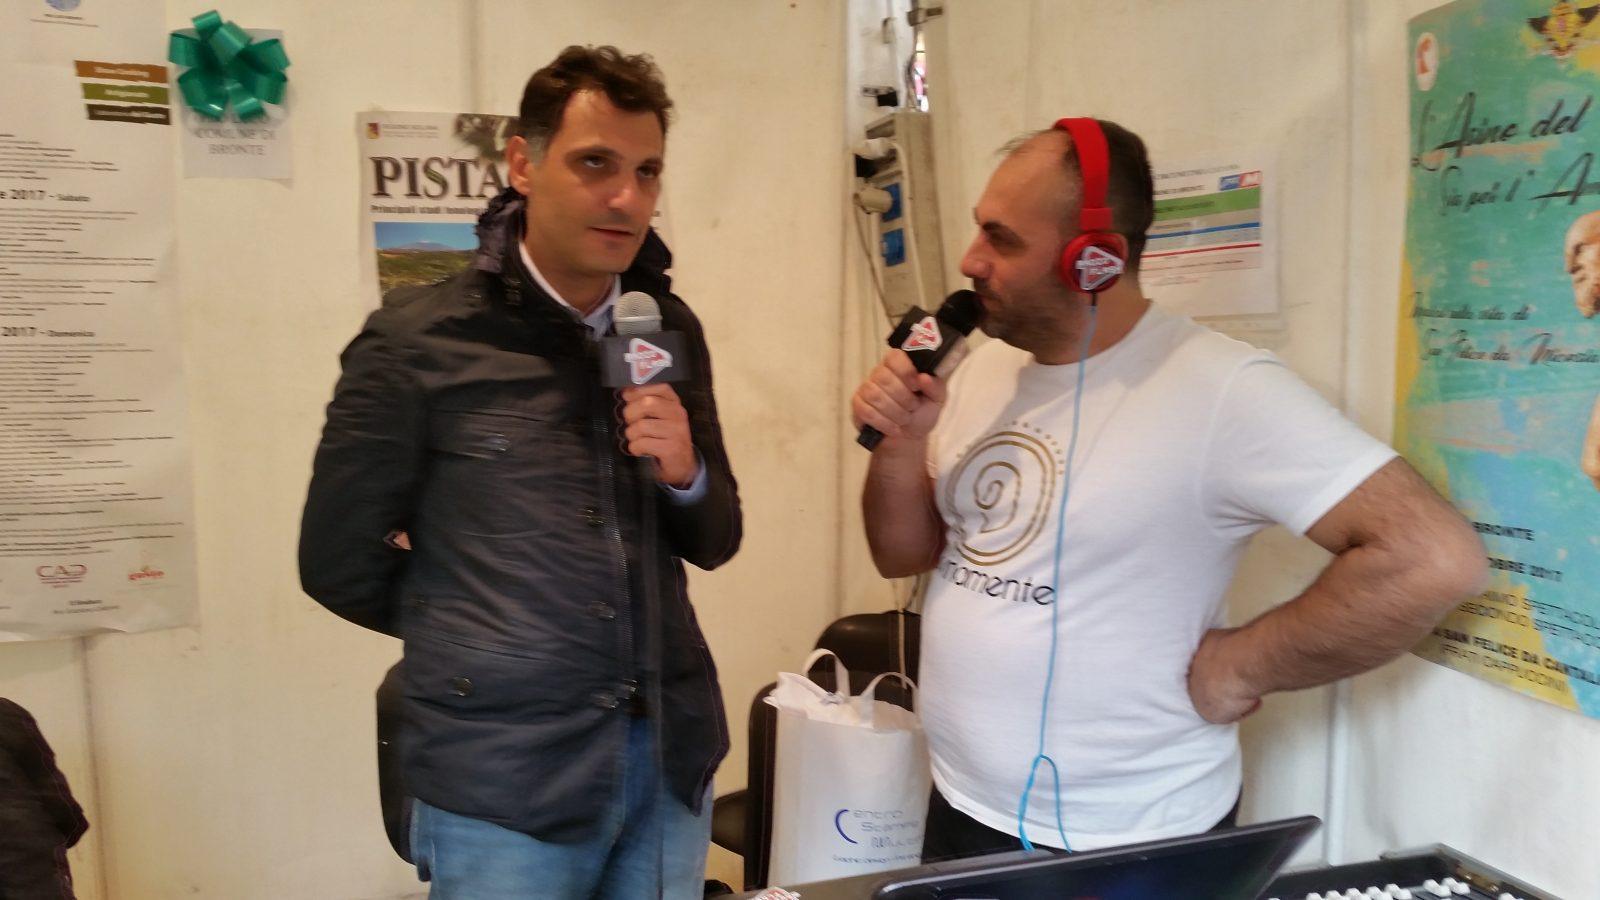 Sagra del Pistacchio_2017_ (69)